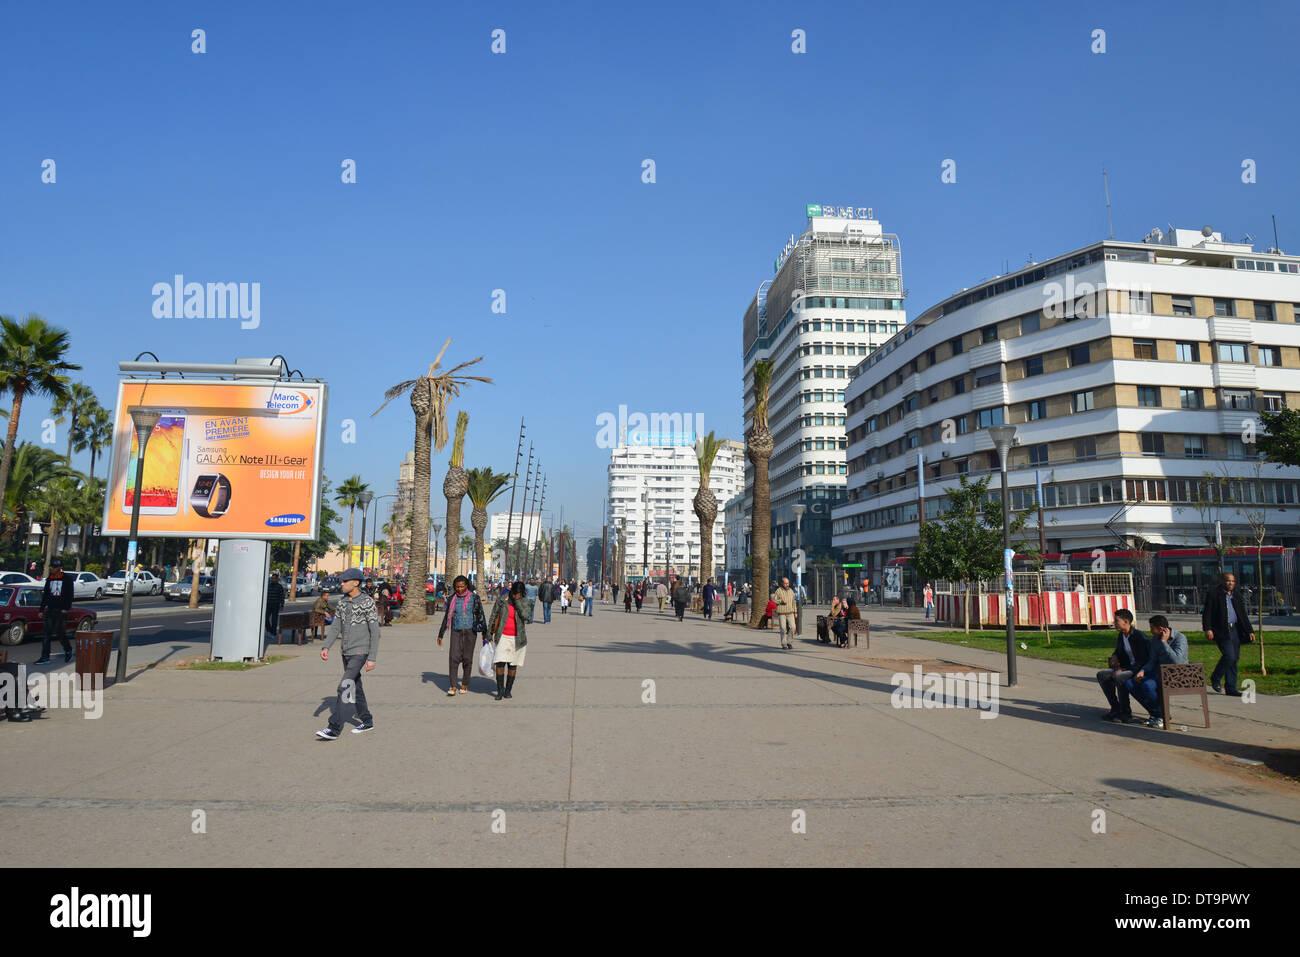 Place des Nations Unies, Casa-Anfa District, Casablanca, Grand Casablanca Region, Kingdom of Morocco - Stock Image